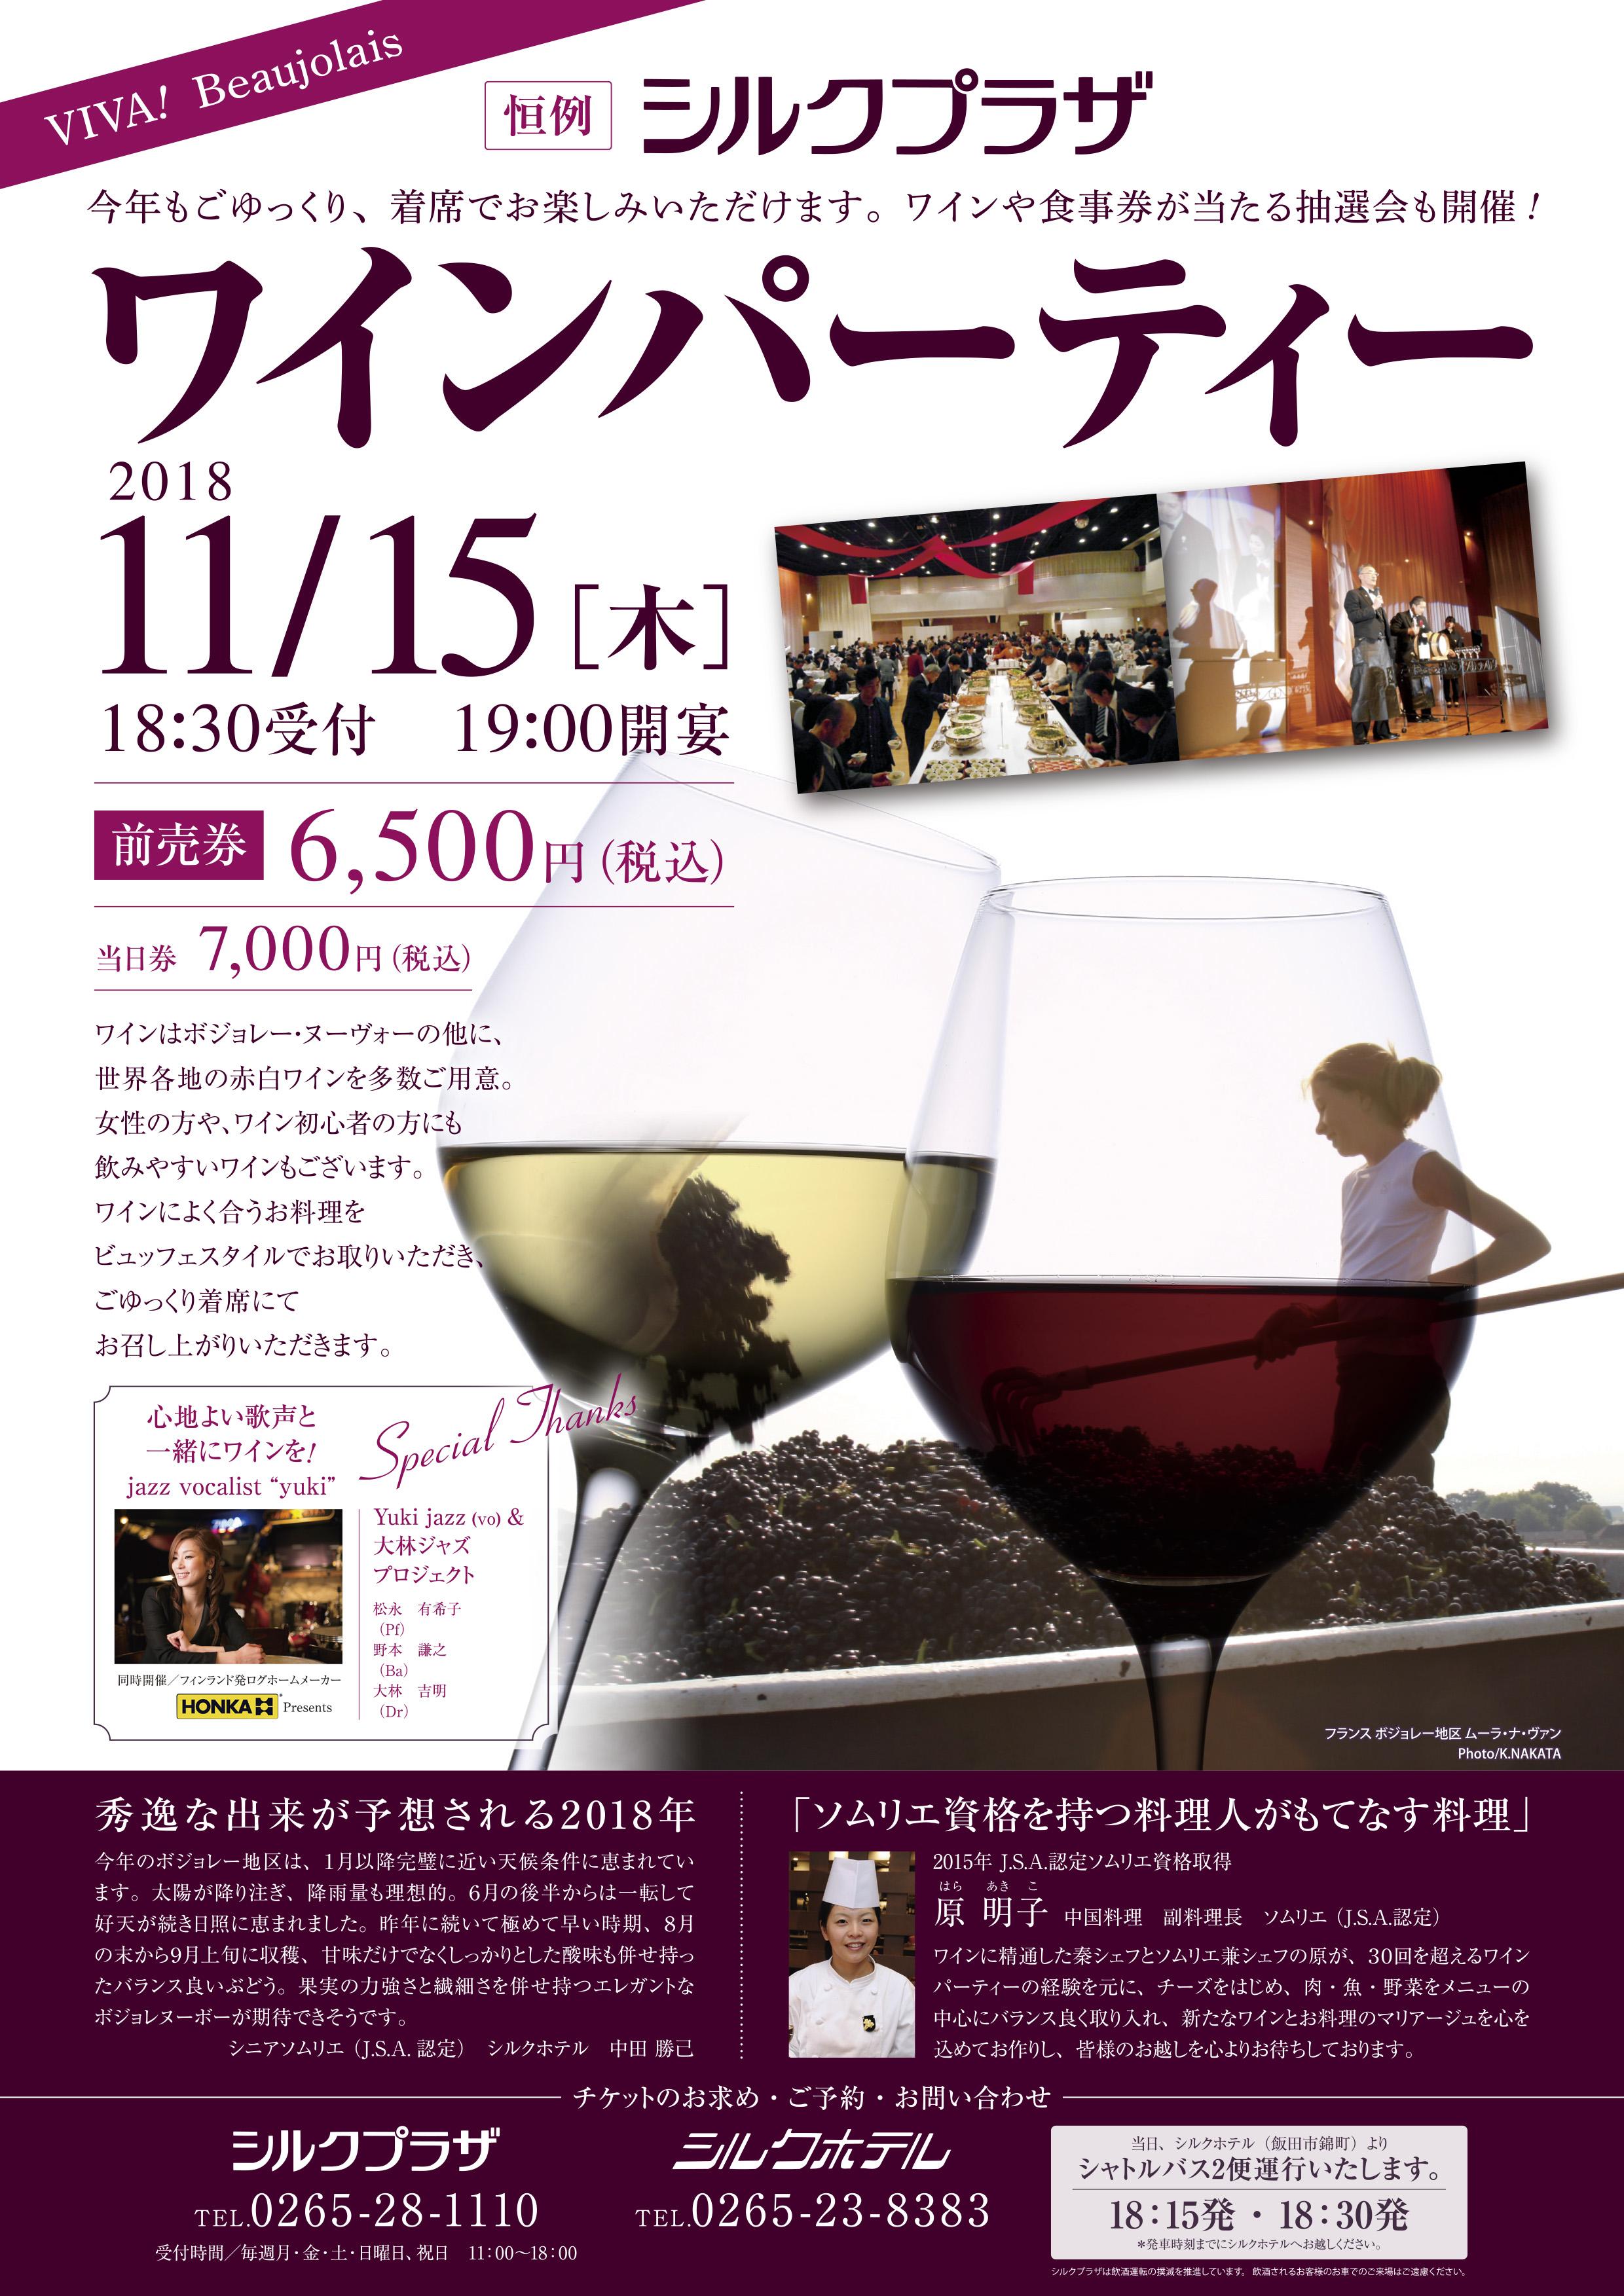 恒例!「ワインパーティー」開催